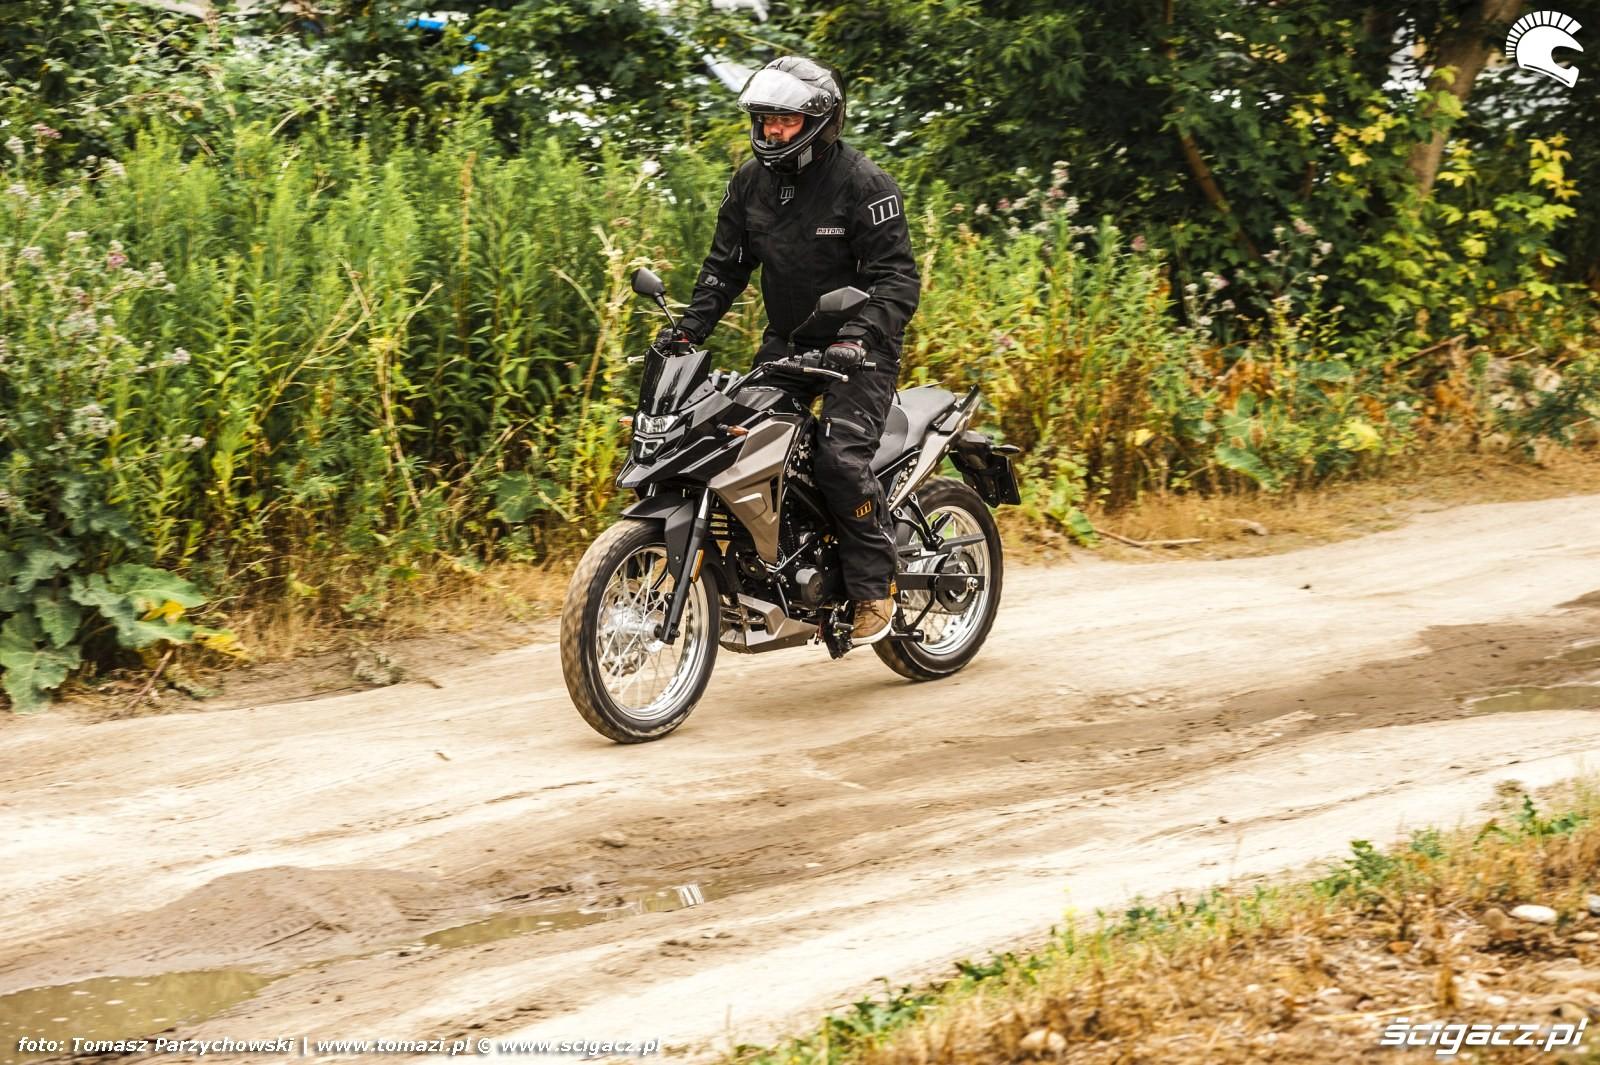 SYM NH T 125 test motocykla 44